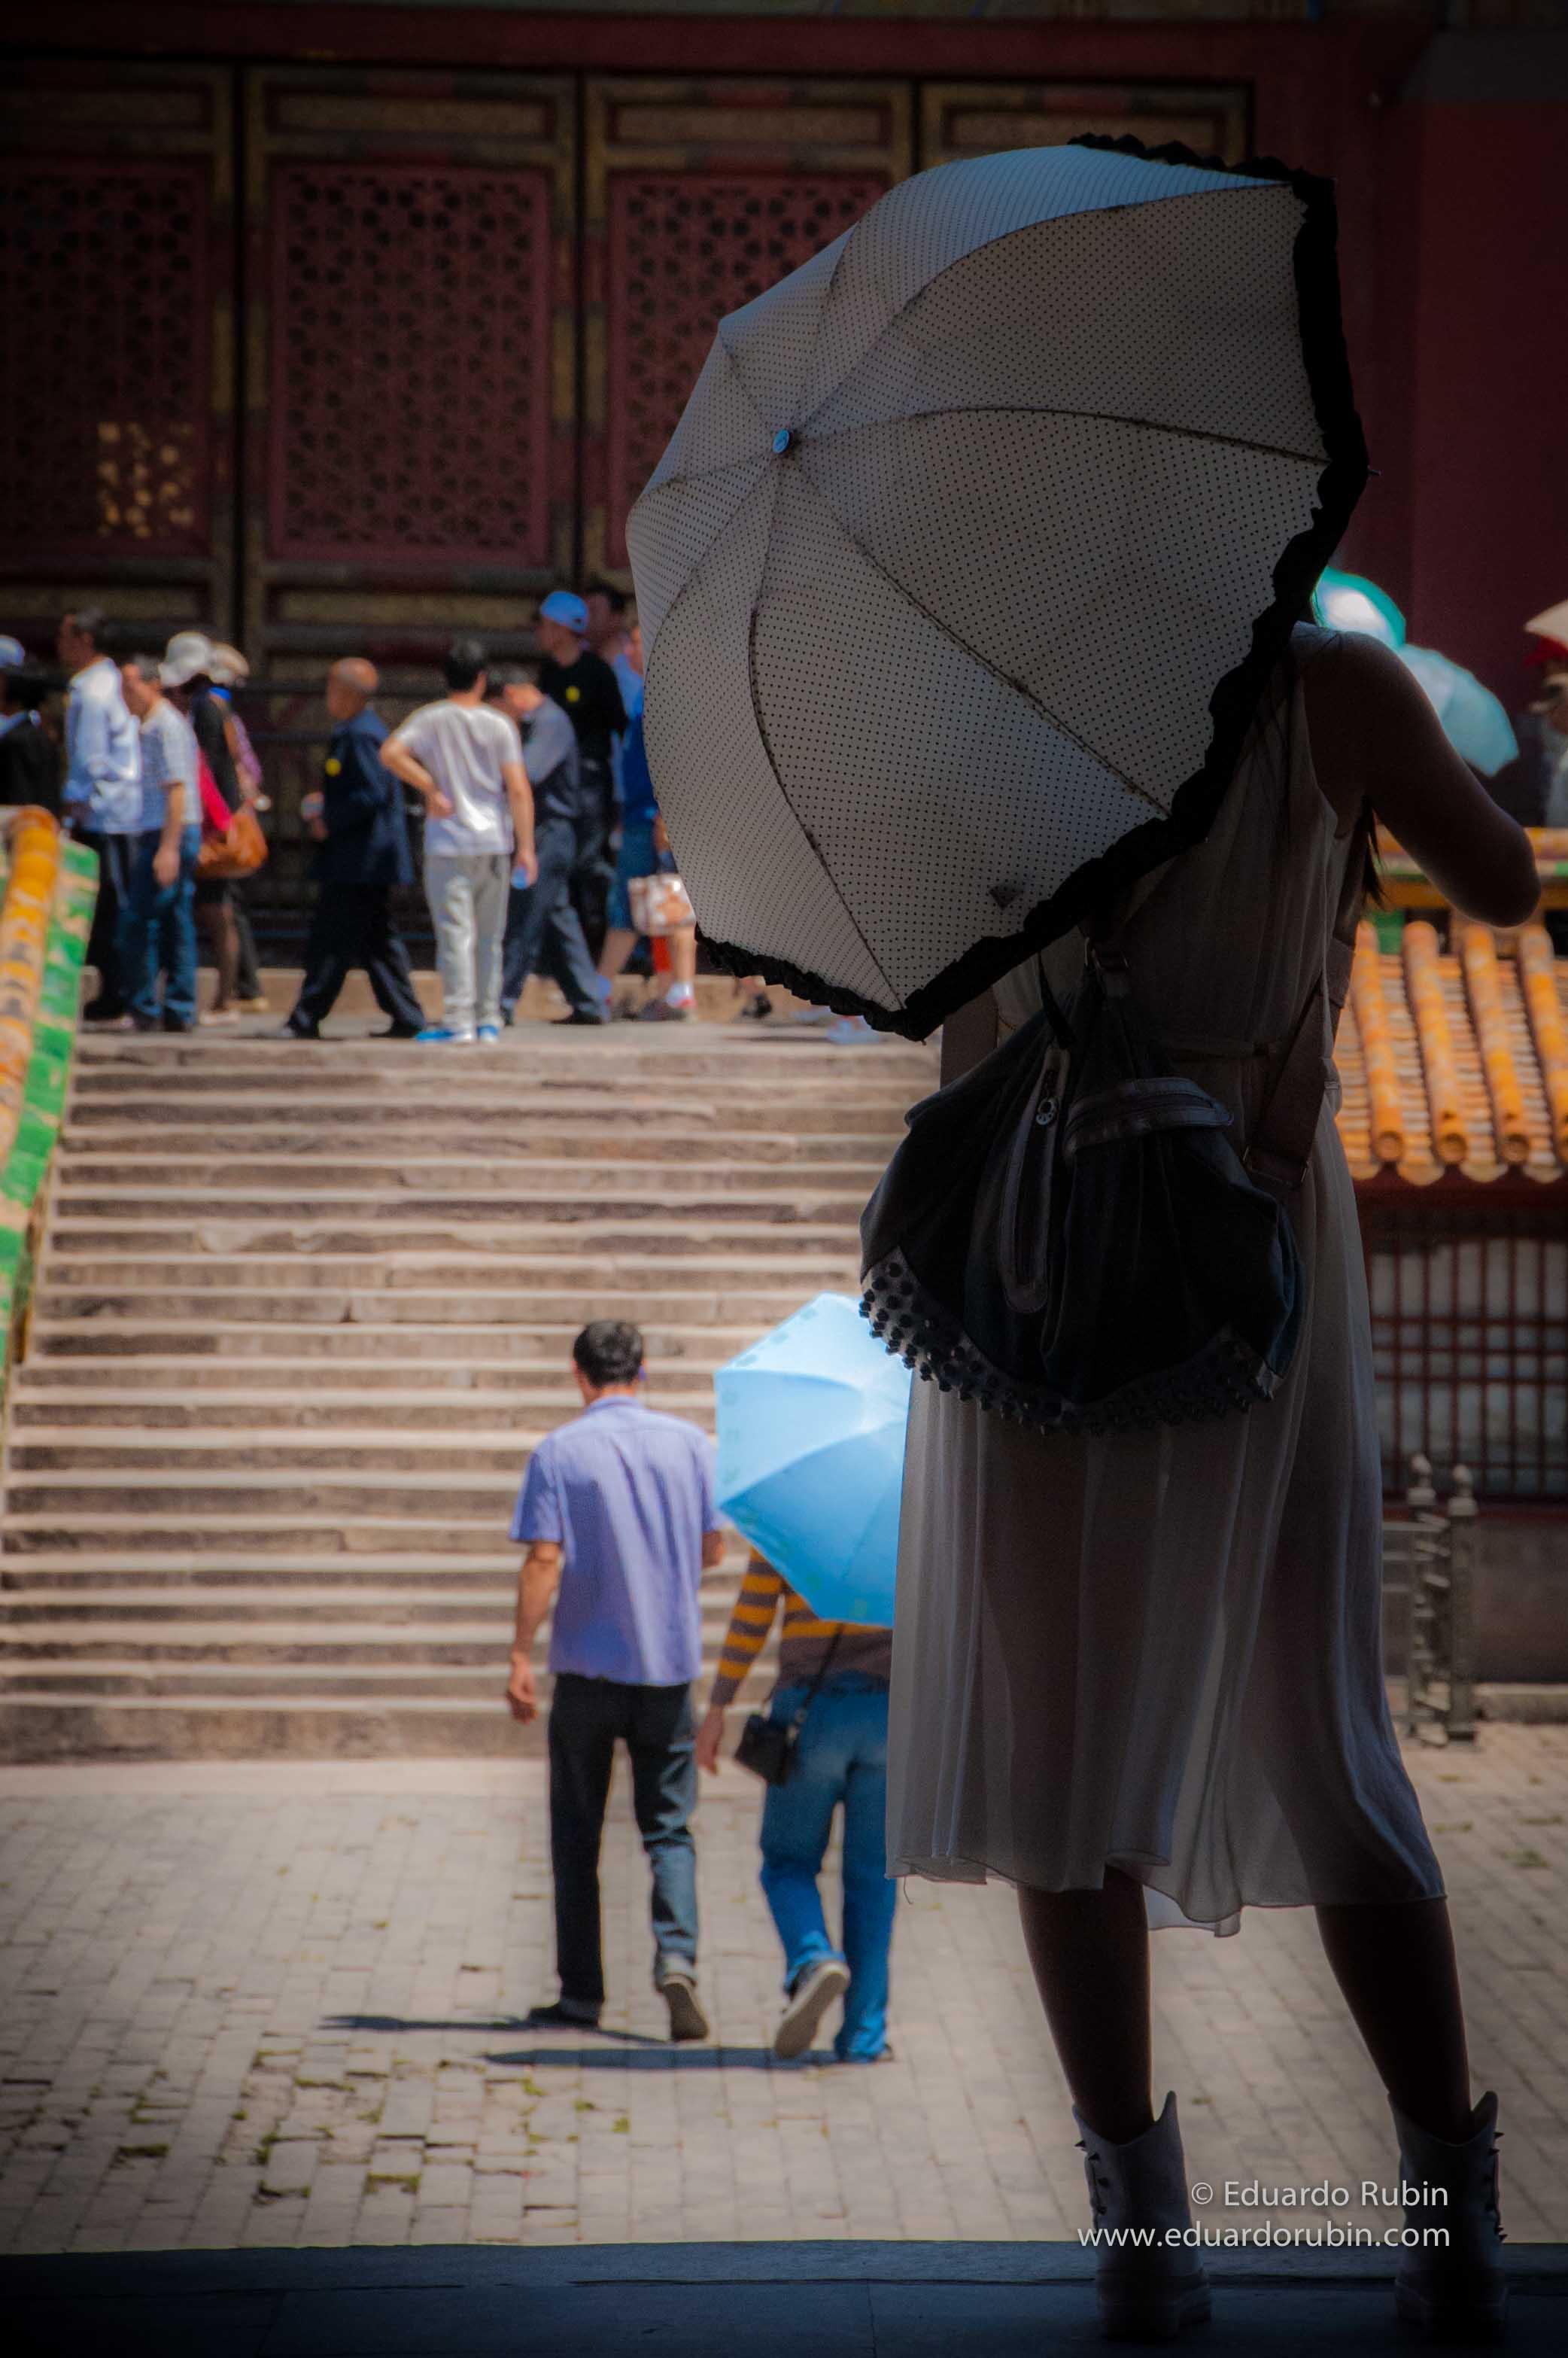 Lolita in Beijing